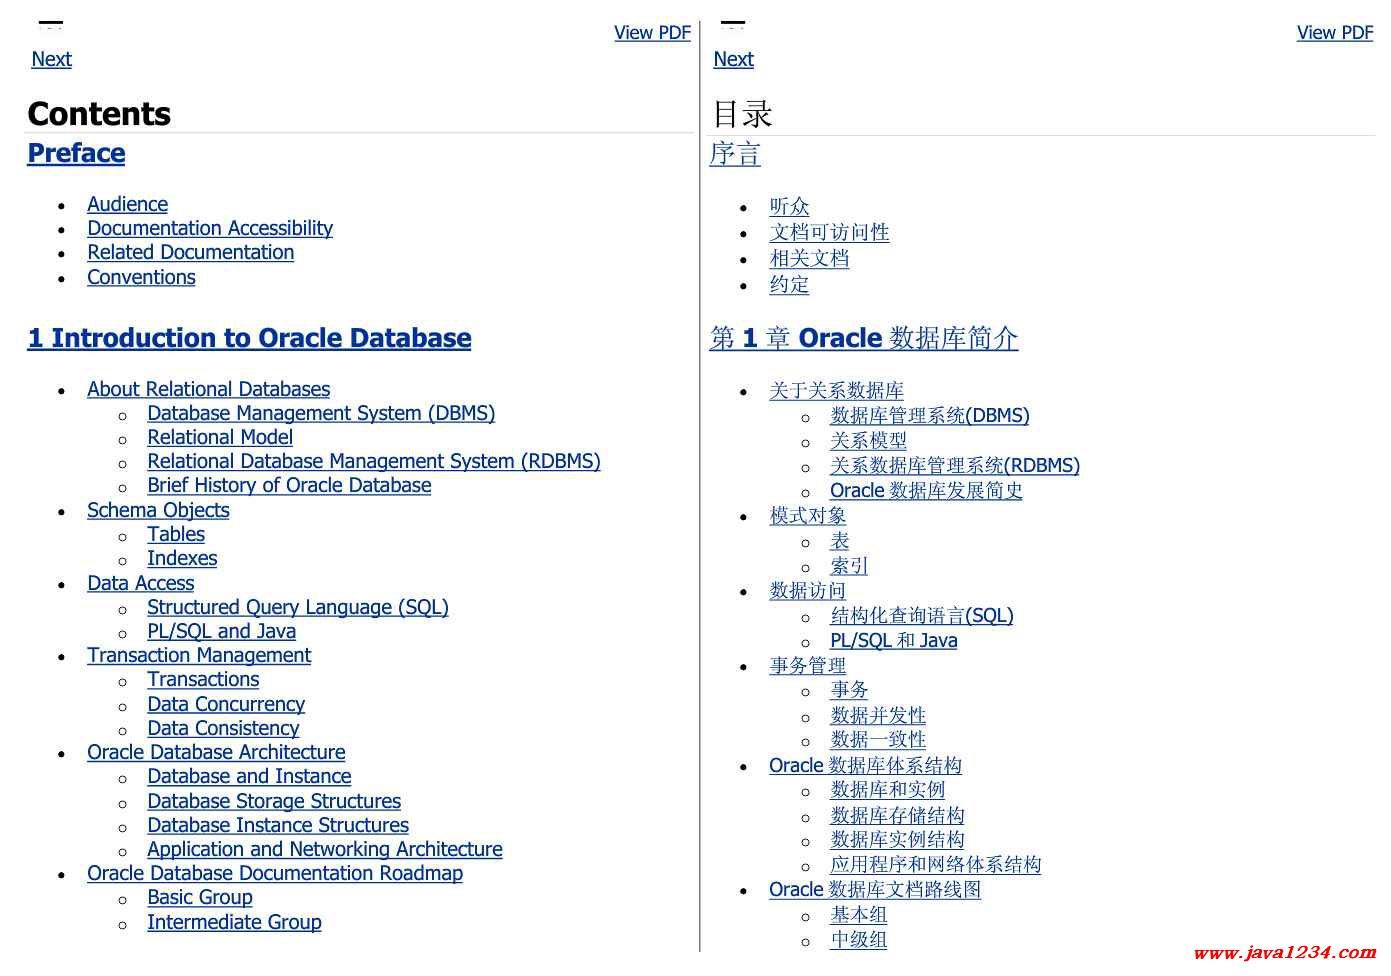 Oracle 11g fundamentals i pdf